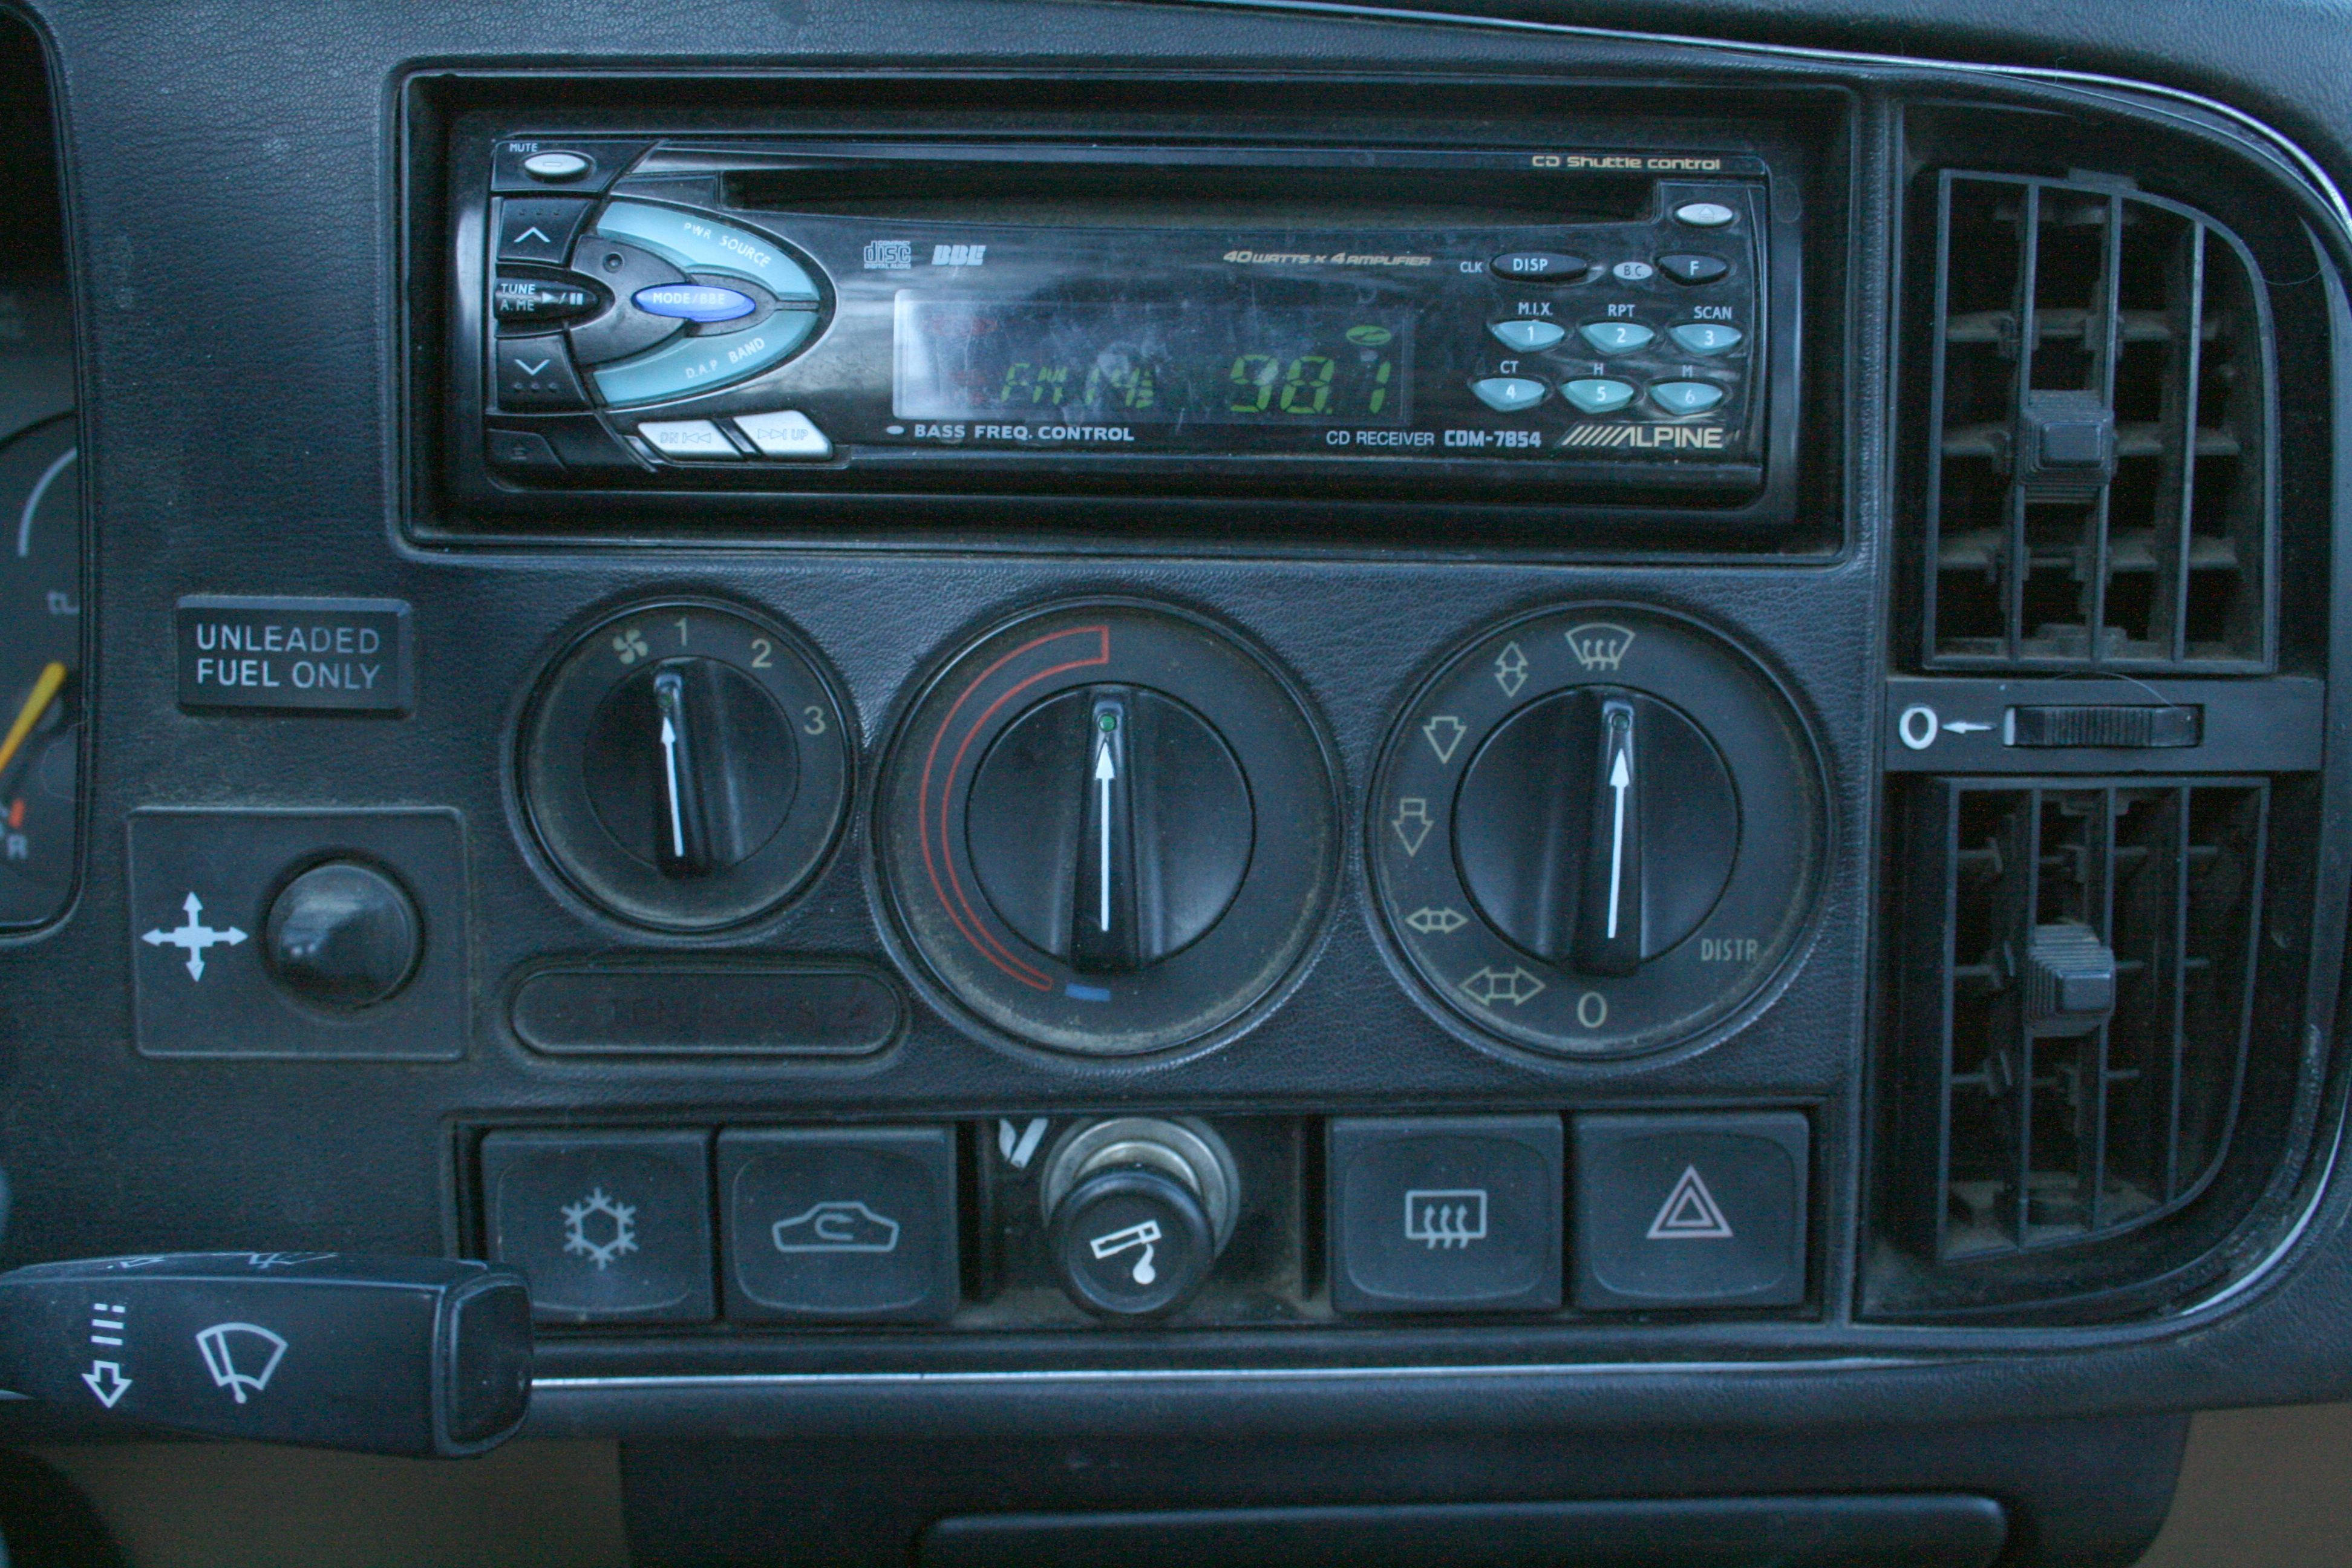 Car Radio Showing Safe